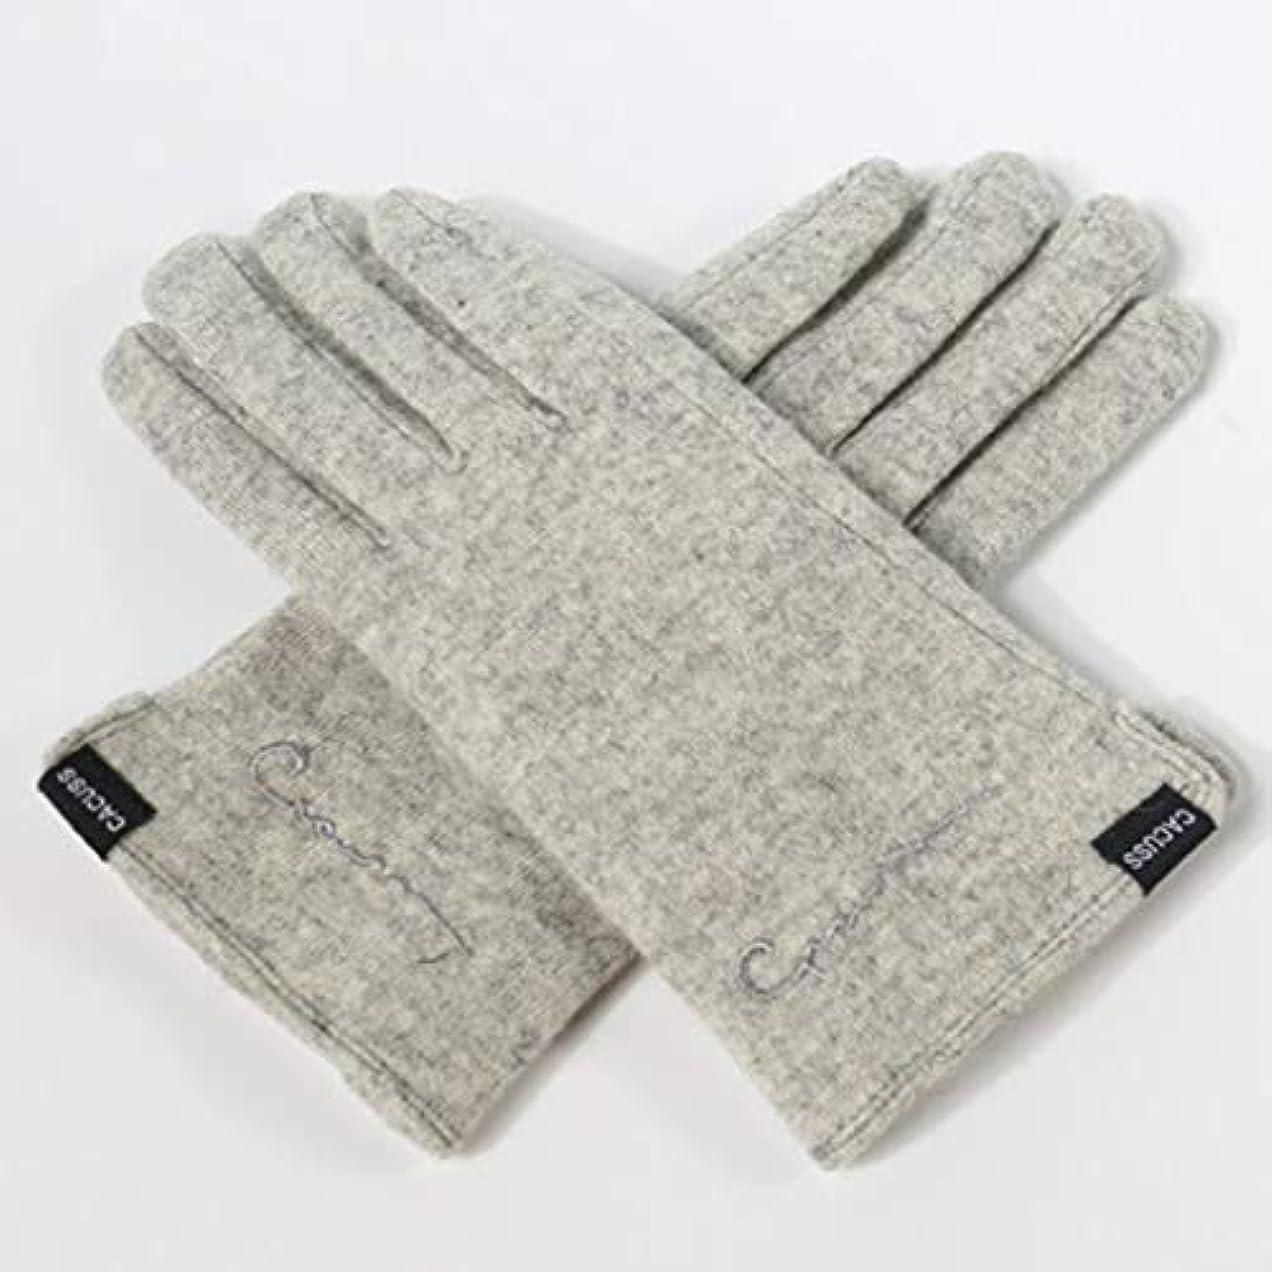 飼いならすアライアンスビタミン手袋女性の冬のタッチスクリーンのファッション暖かく快適なポイントは、乗馬を厚くする (色 : Gray)